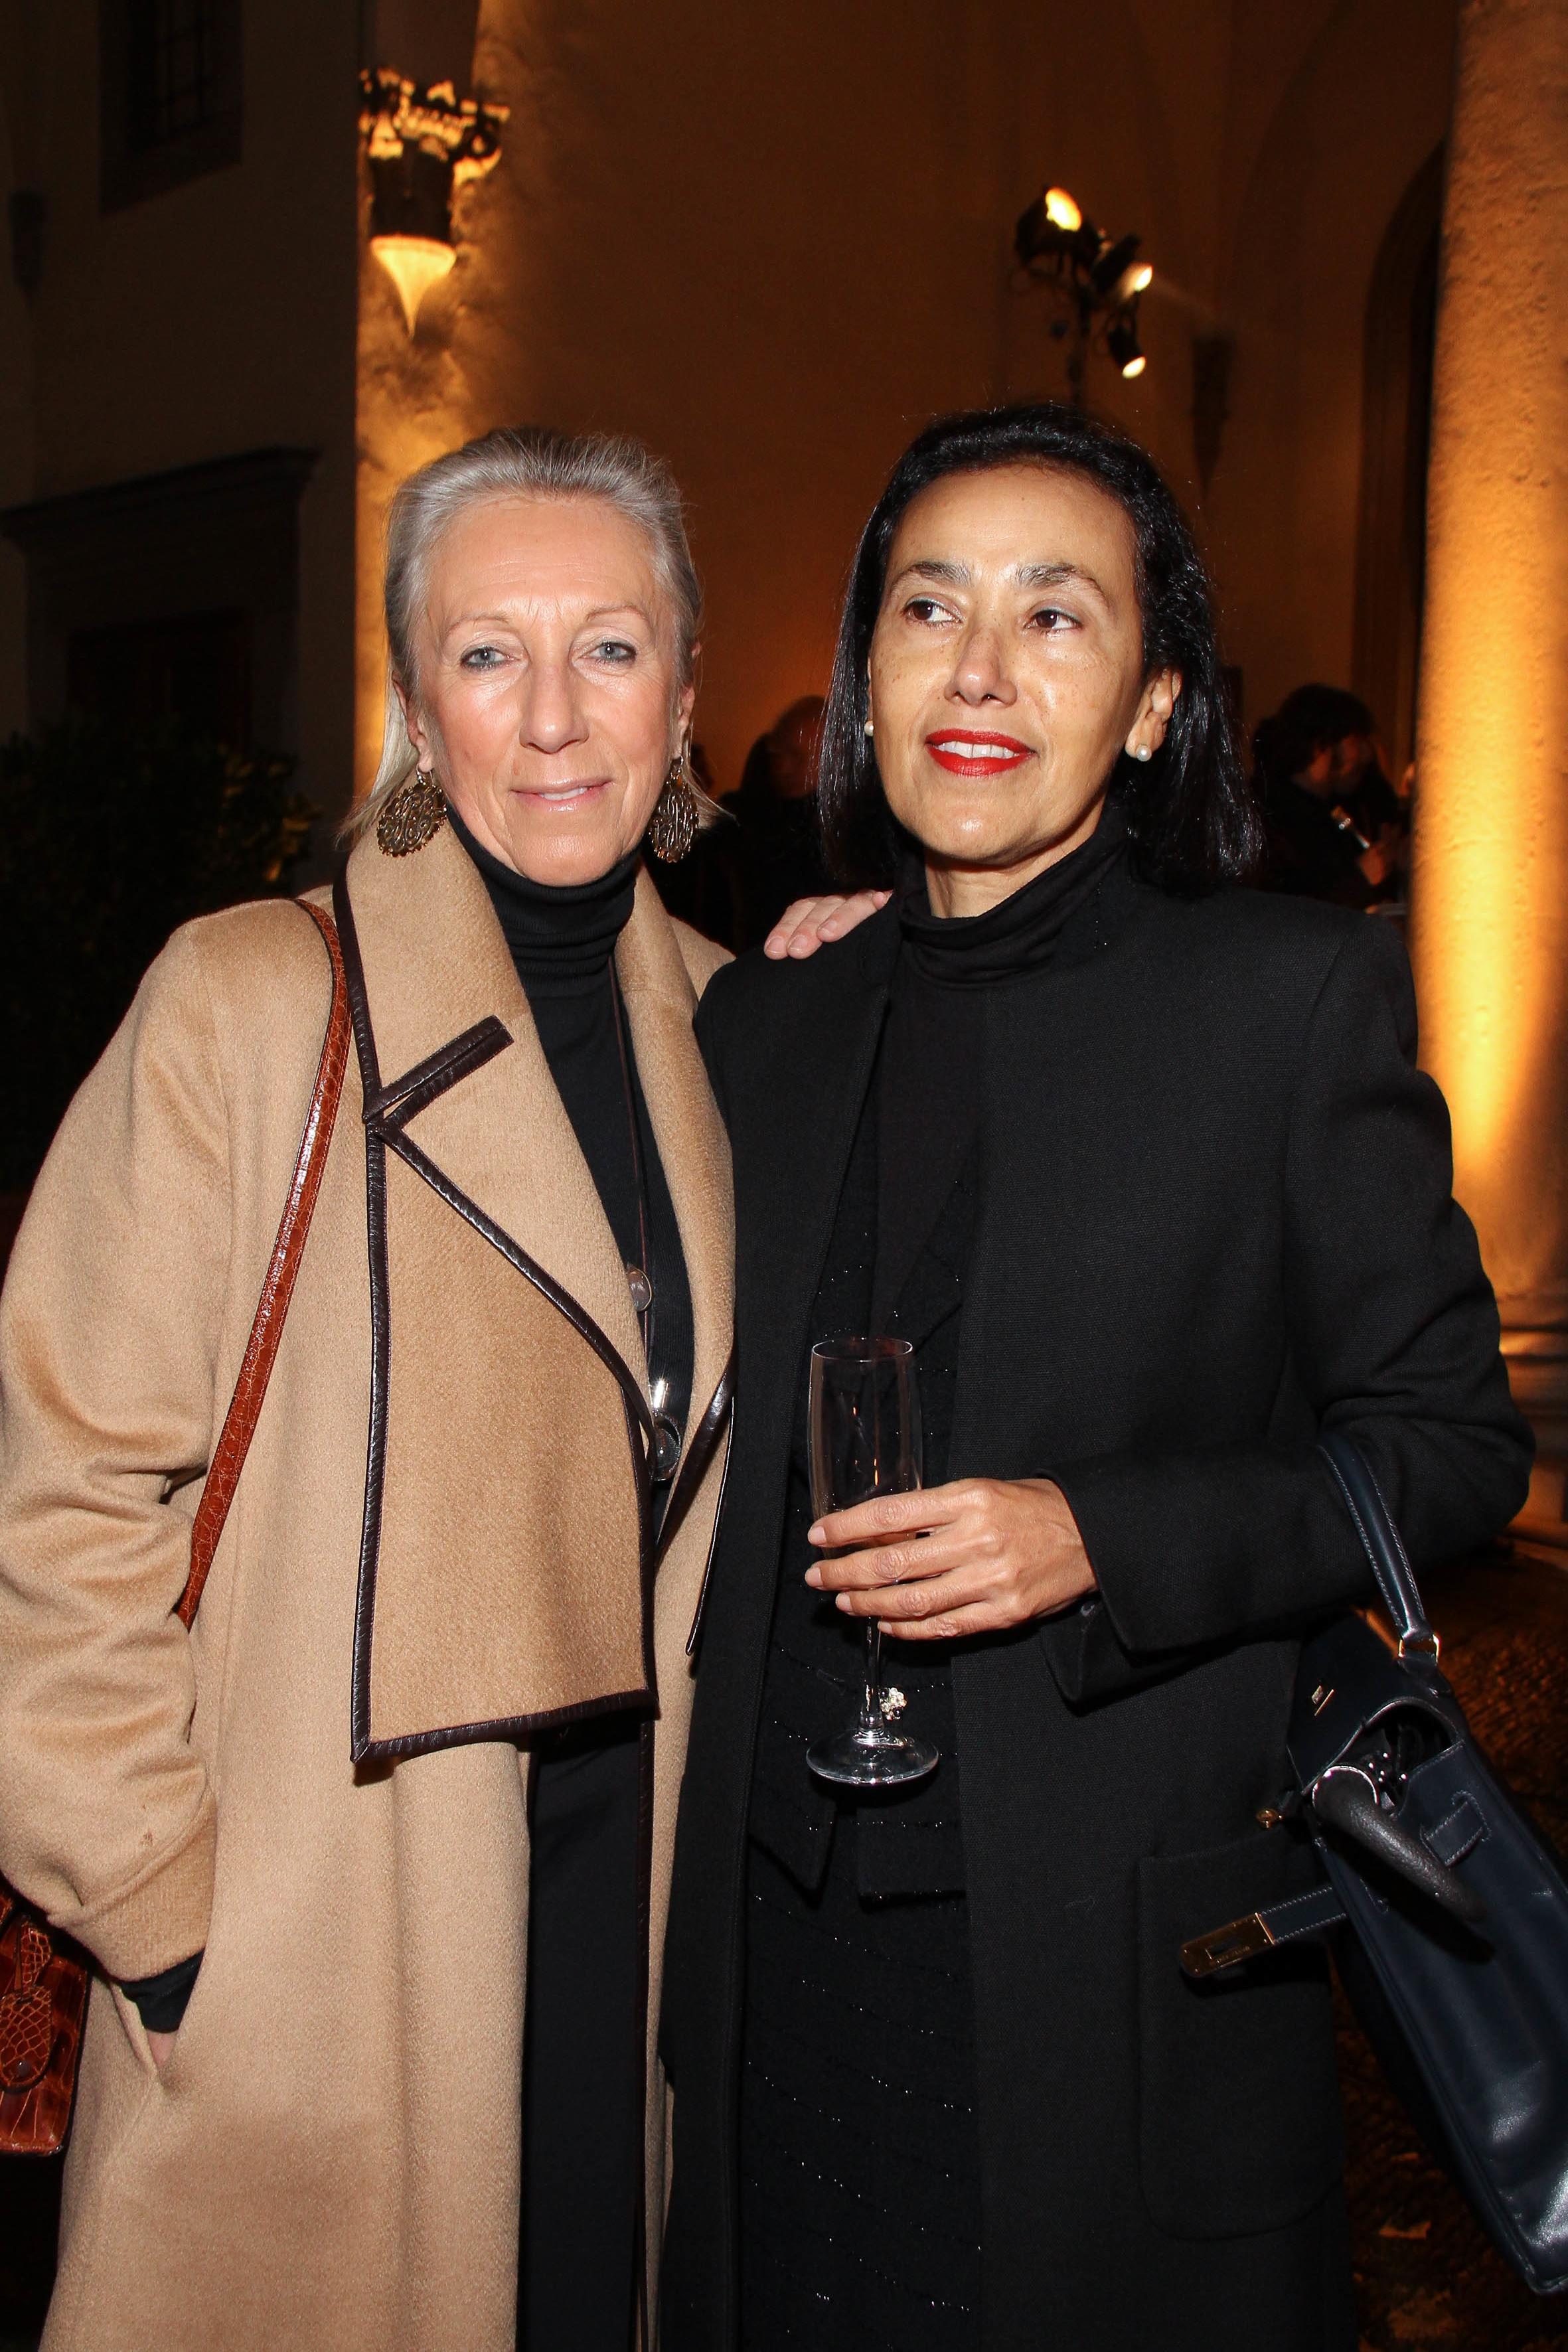 PRESSPHOTO  Firenze, Palazzo Antinori, festa Roy Rogers. Nella foto Cristina Castagna e Belinda Squilloni